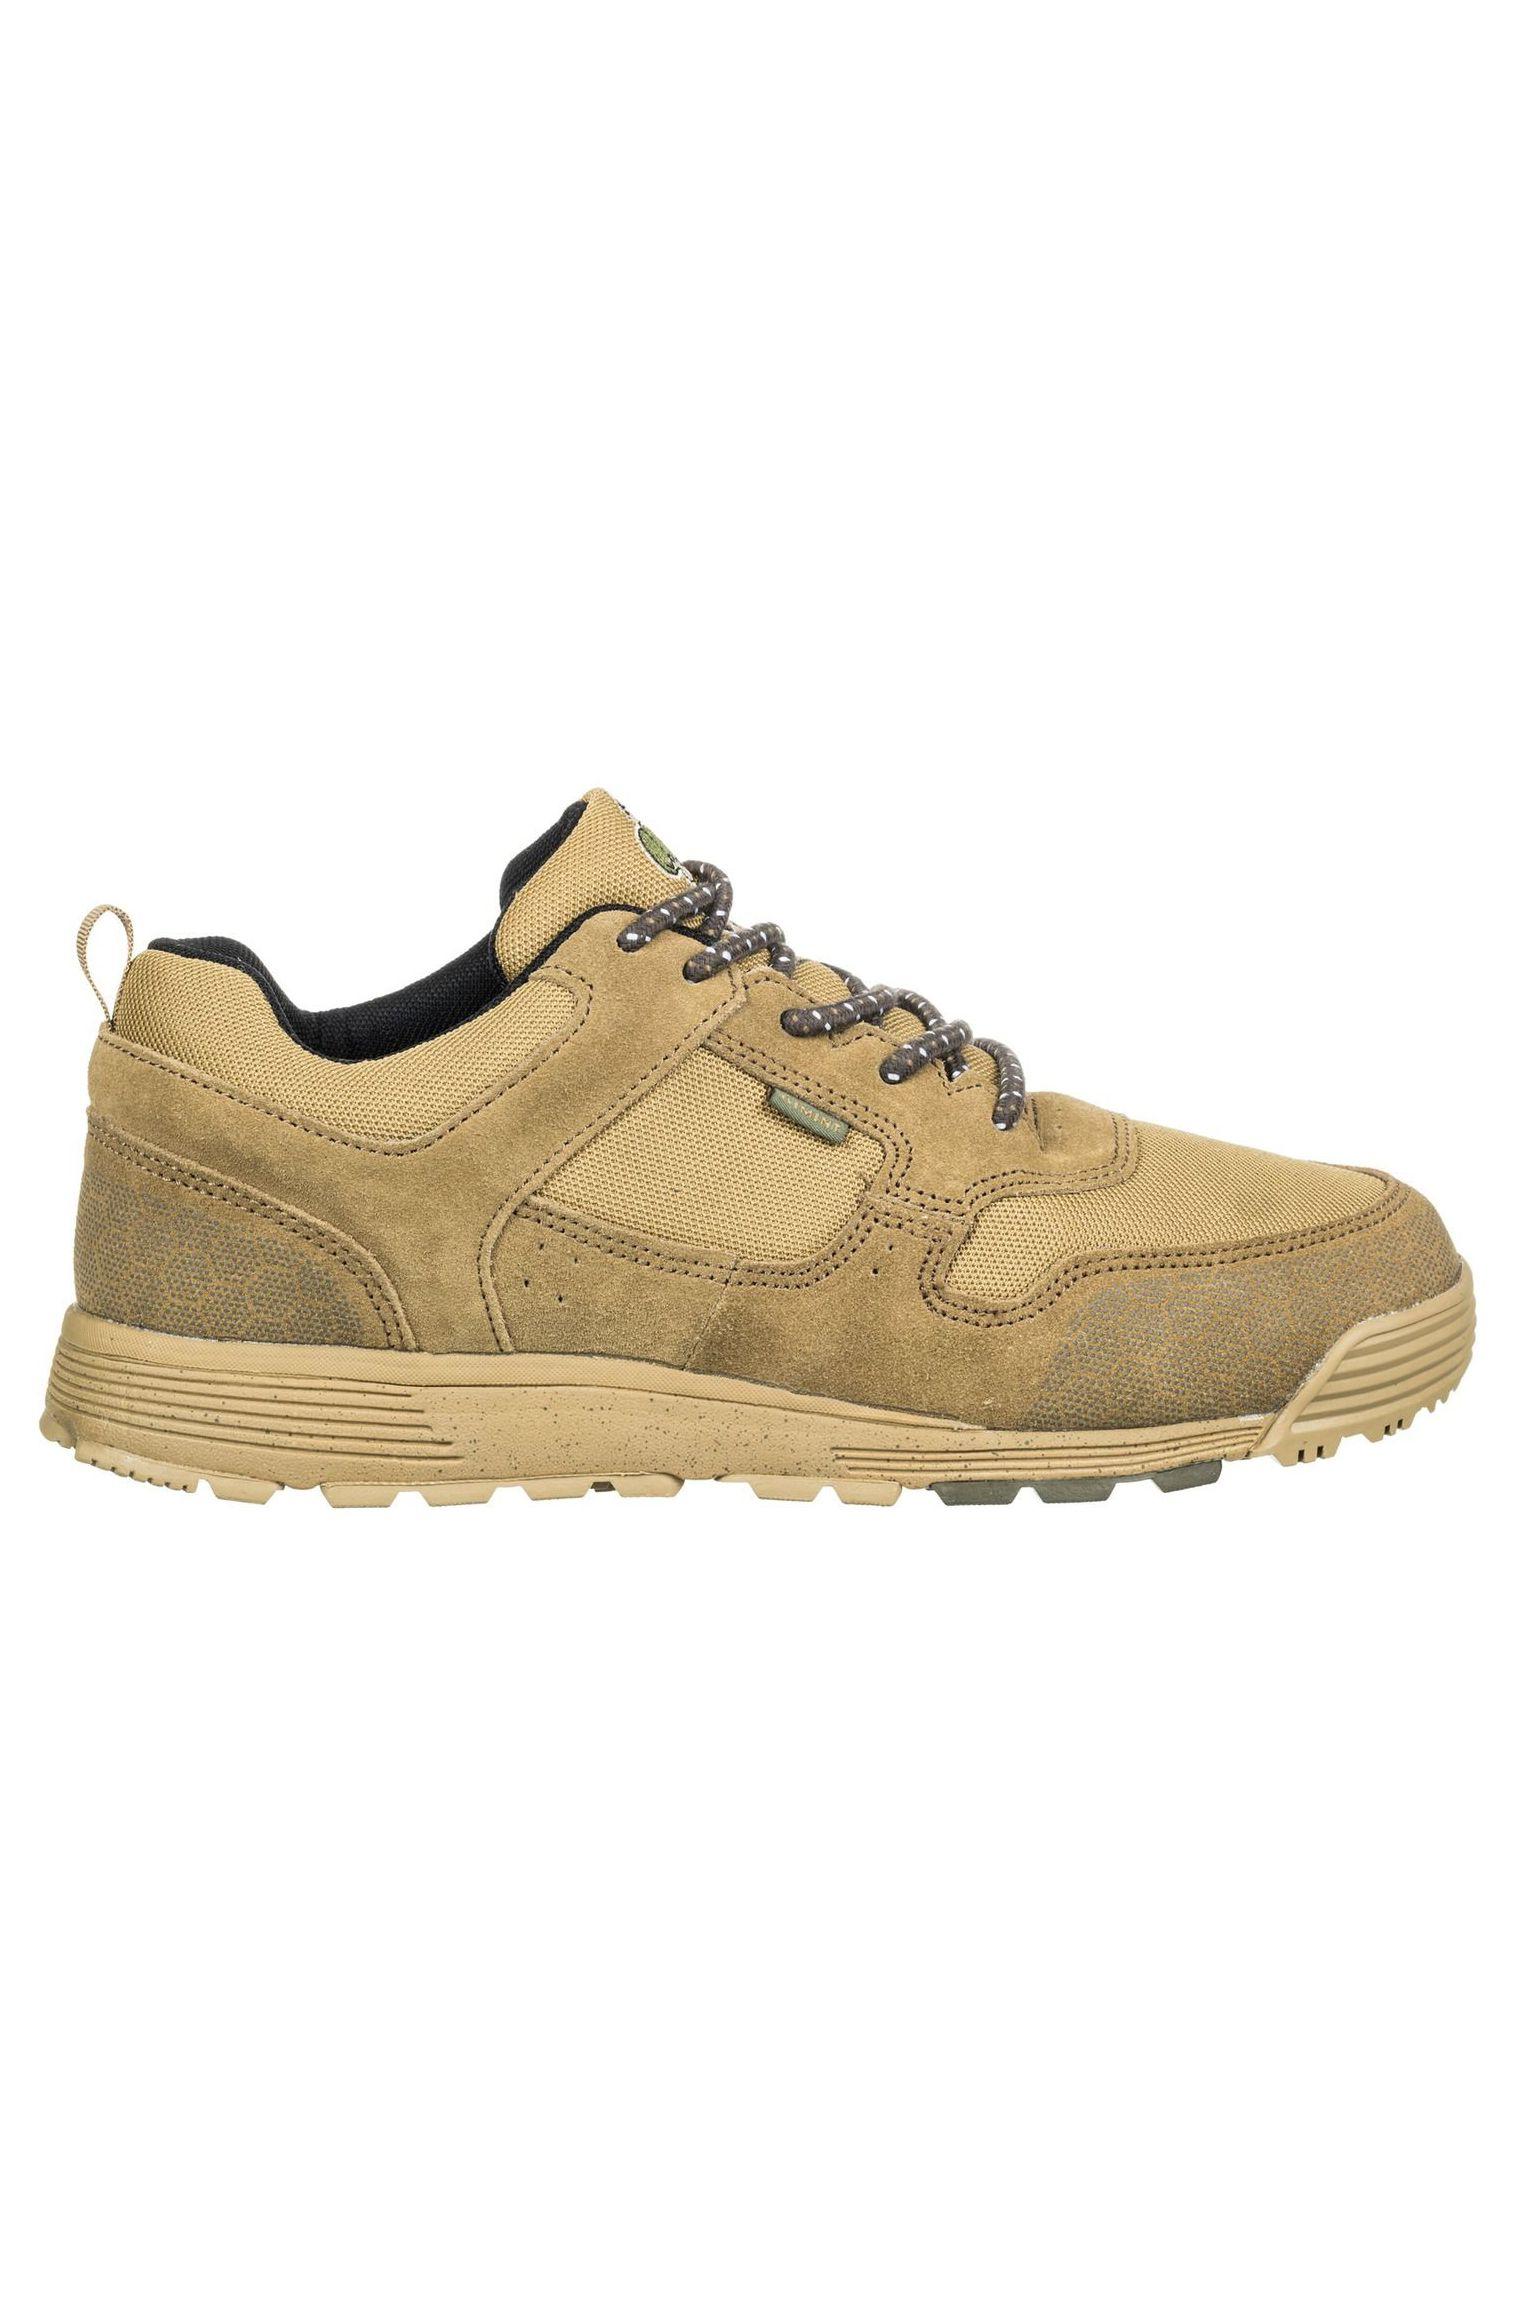 Element Shoes BACKWOODS WOLFEBORO Canyon Khaki